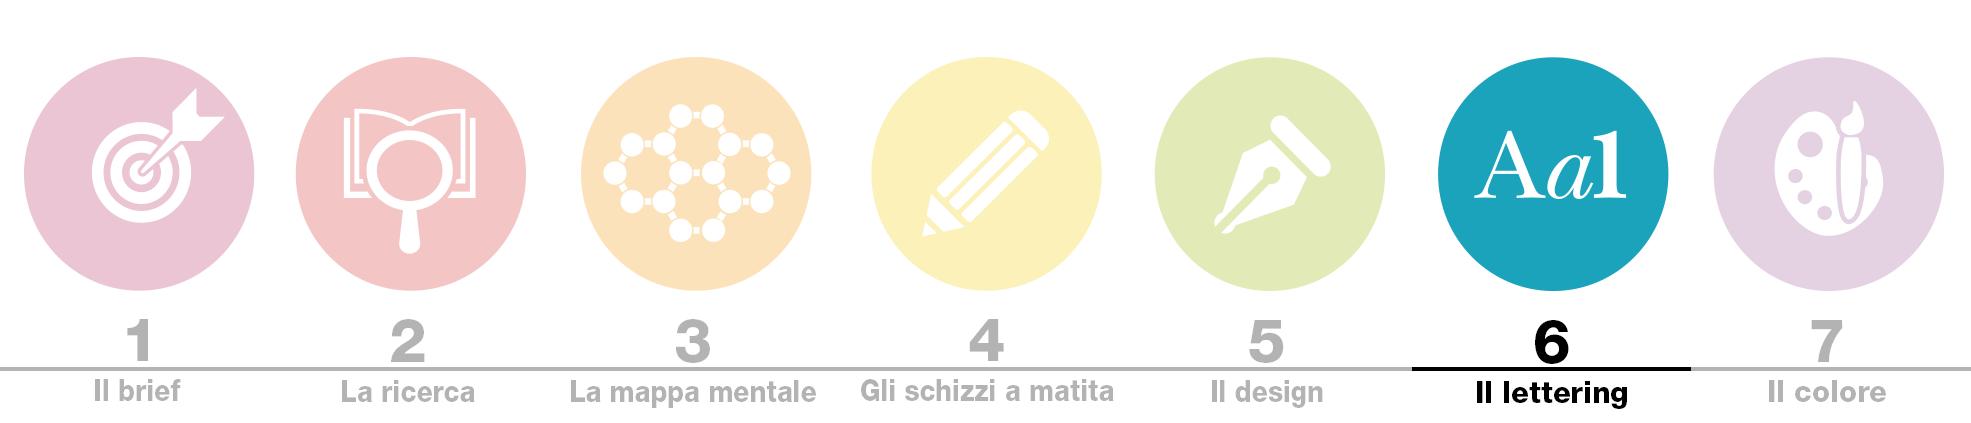 Biancolapis Design. Crea un logo brillante icone 5. Design per creare un logo